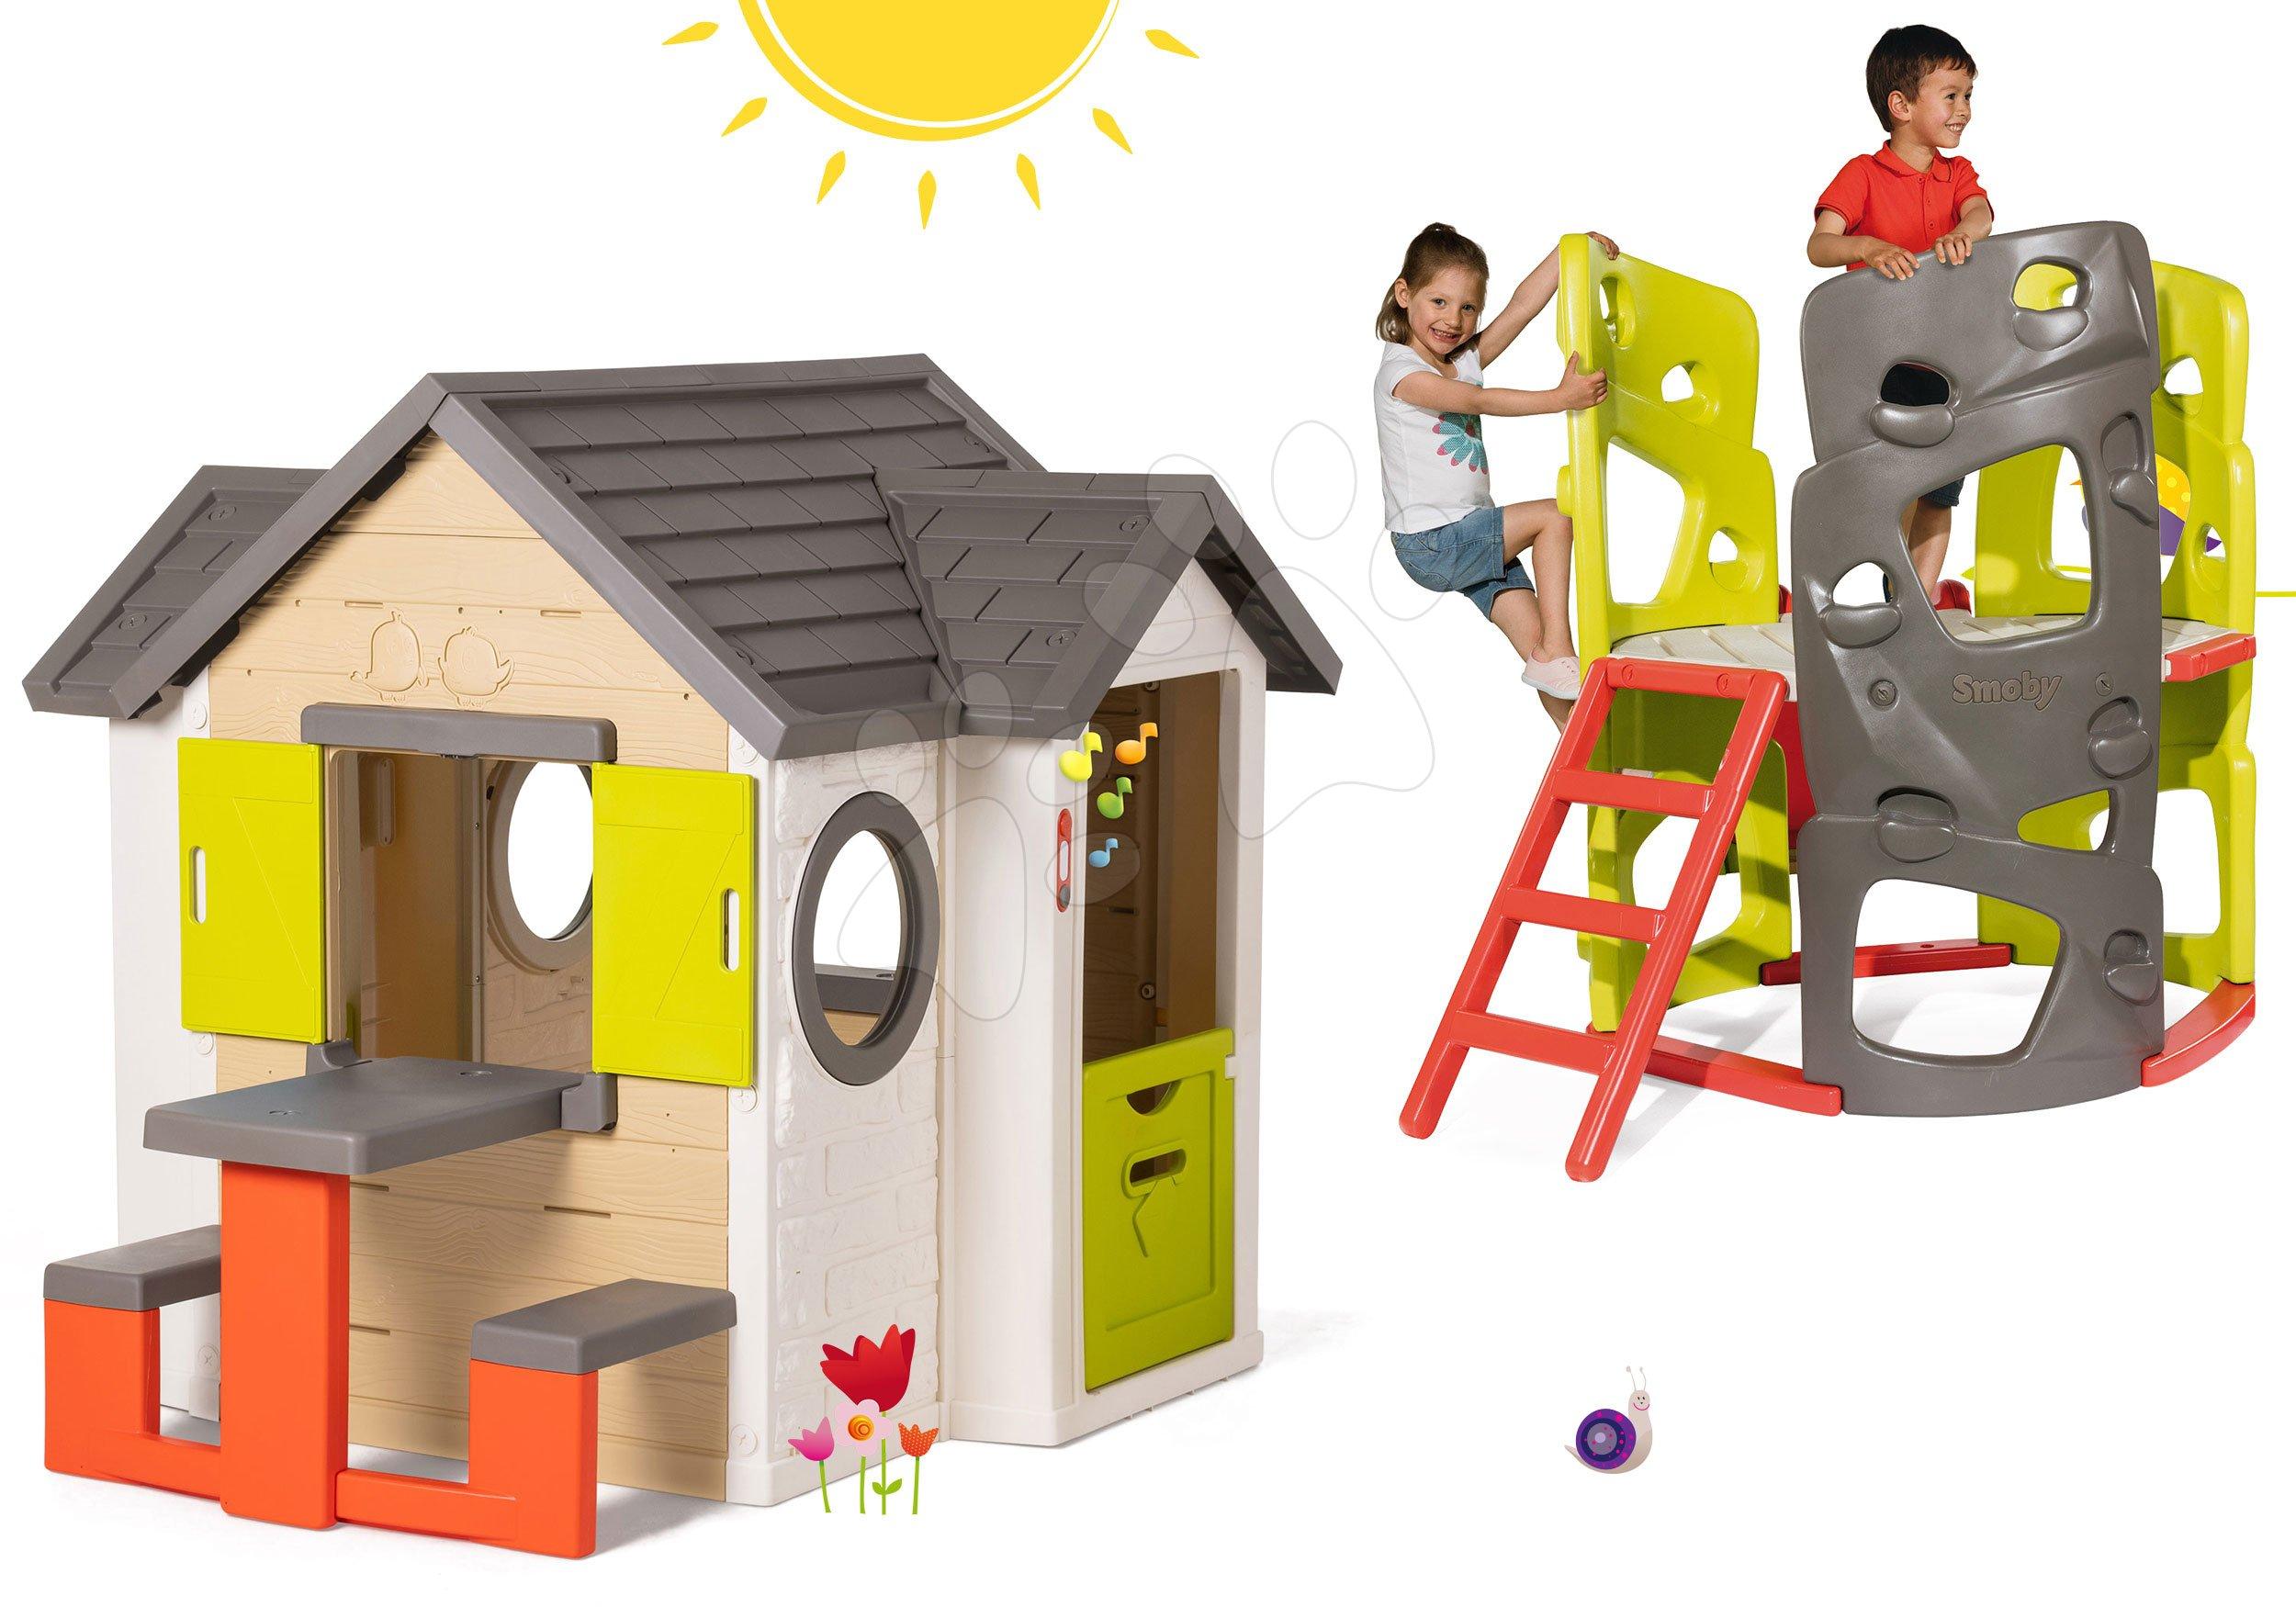 Smoby set domeček My House se zvonkem a 2 dveřmi a prolézačka Multi-Activity Tower se skluzavkou 810401-12